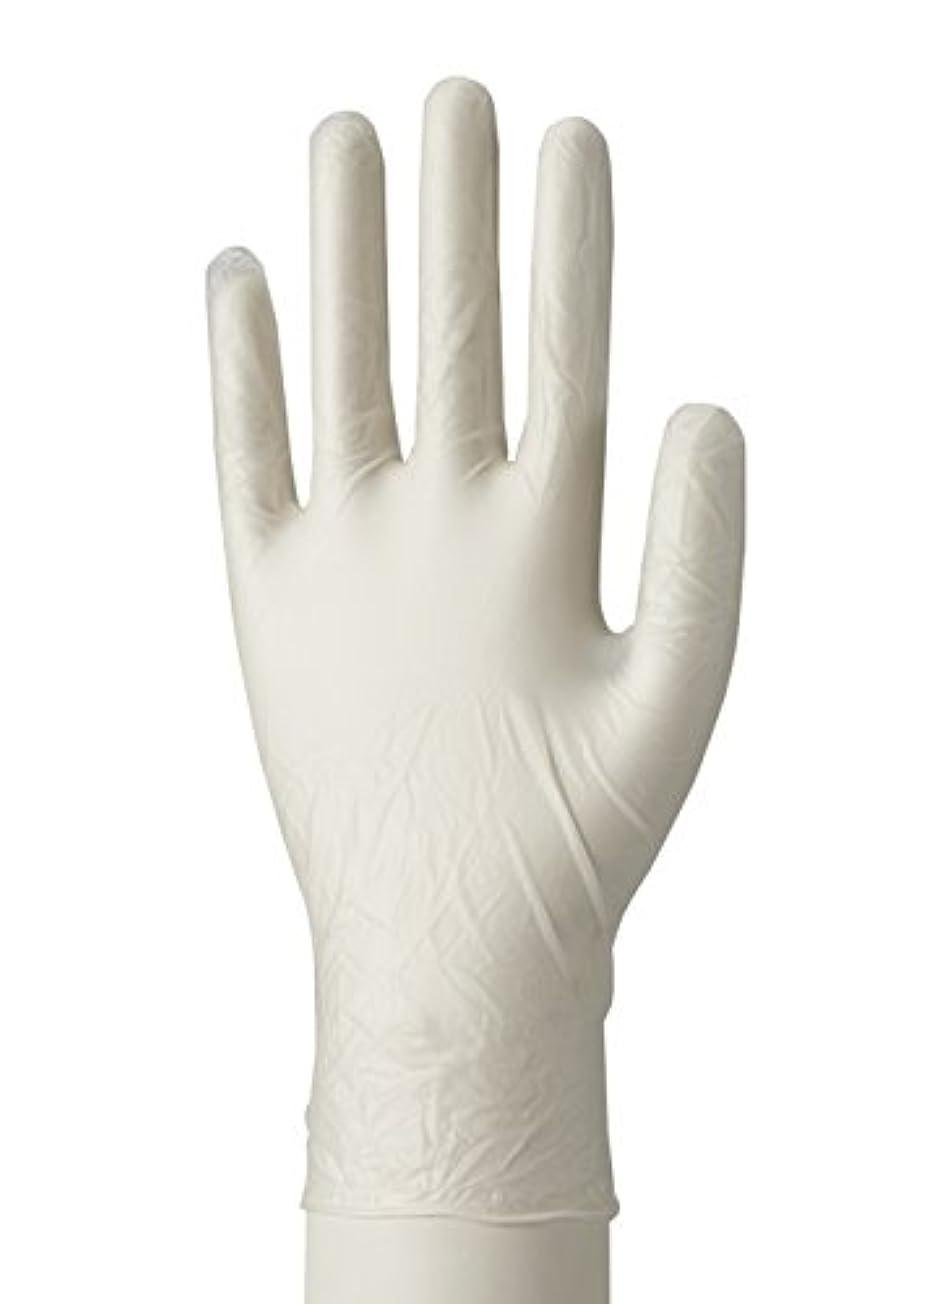 瞑想的カウンタ摂氏度マツヨシ 使い捨て手袋 マイスコPVCグローブ 粉なし MY-7521(サイズ:S)100枚入り 病院採用商品